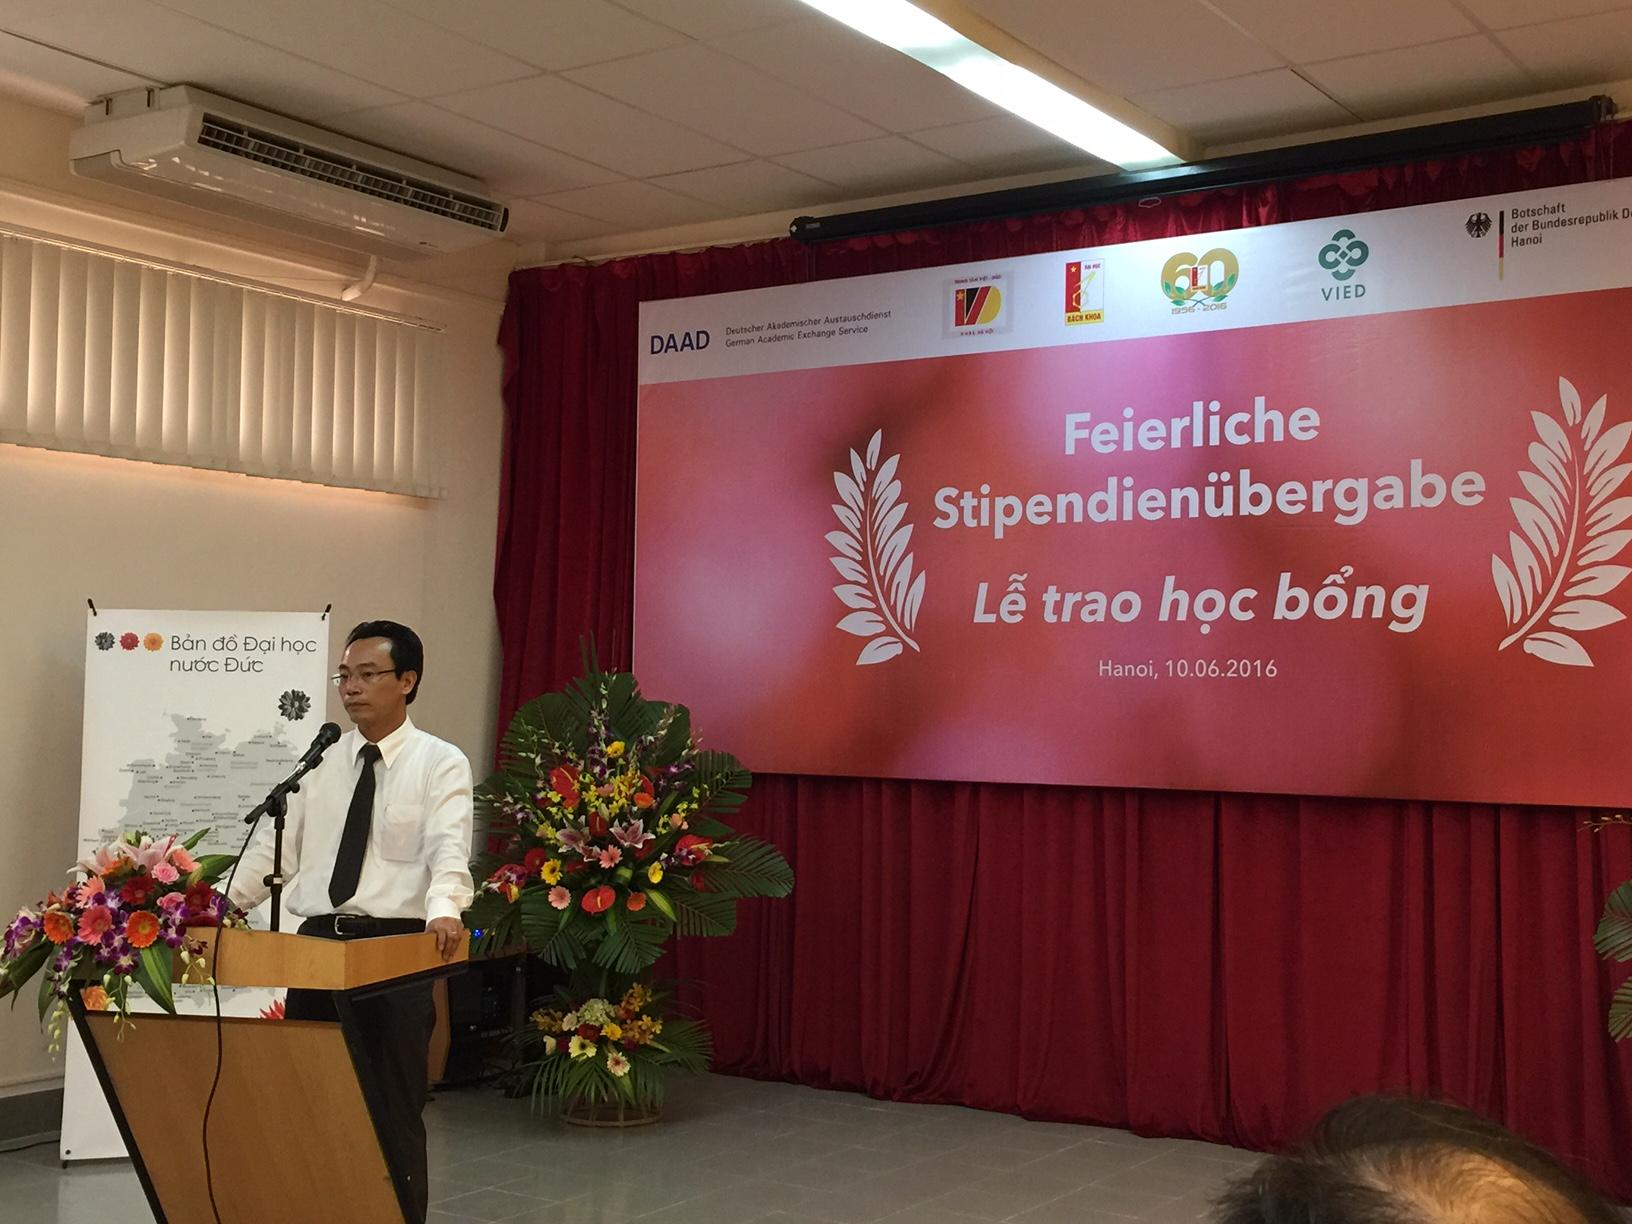 Giáo sư Hoàng Minh Sơn - hiệu trưởng trường Đại học Bách Khoa Hà Nội cũng là một cựu du học sinh tại Đức theo chương trình học bổng DAAD.